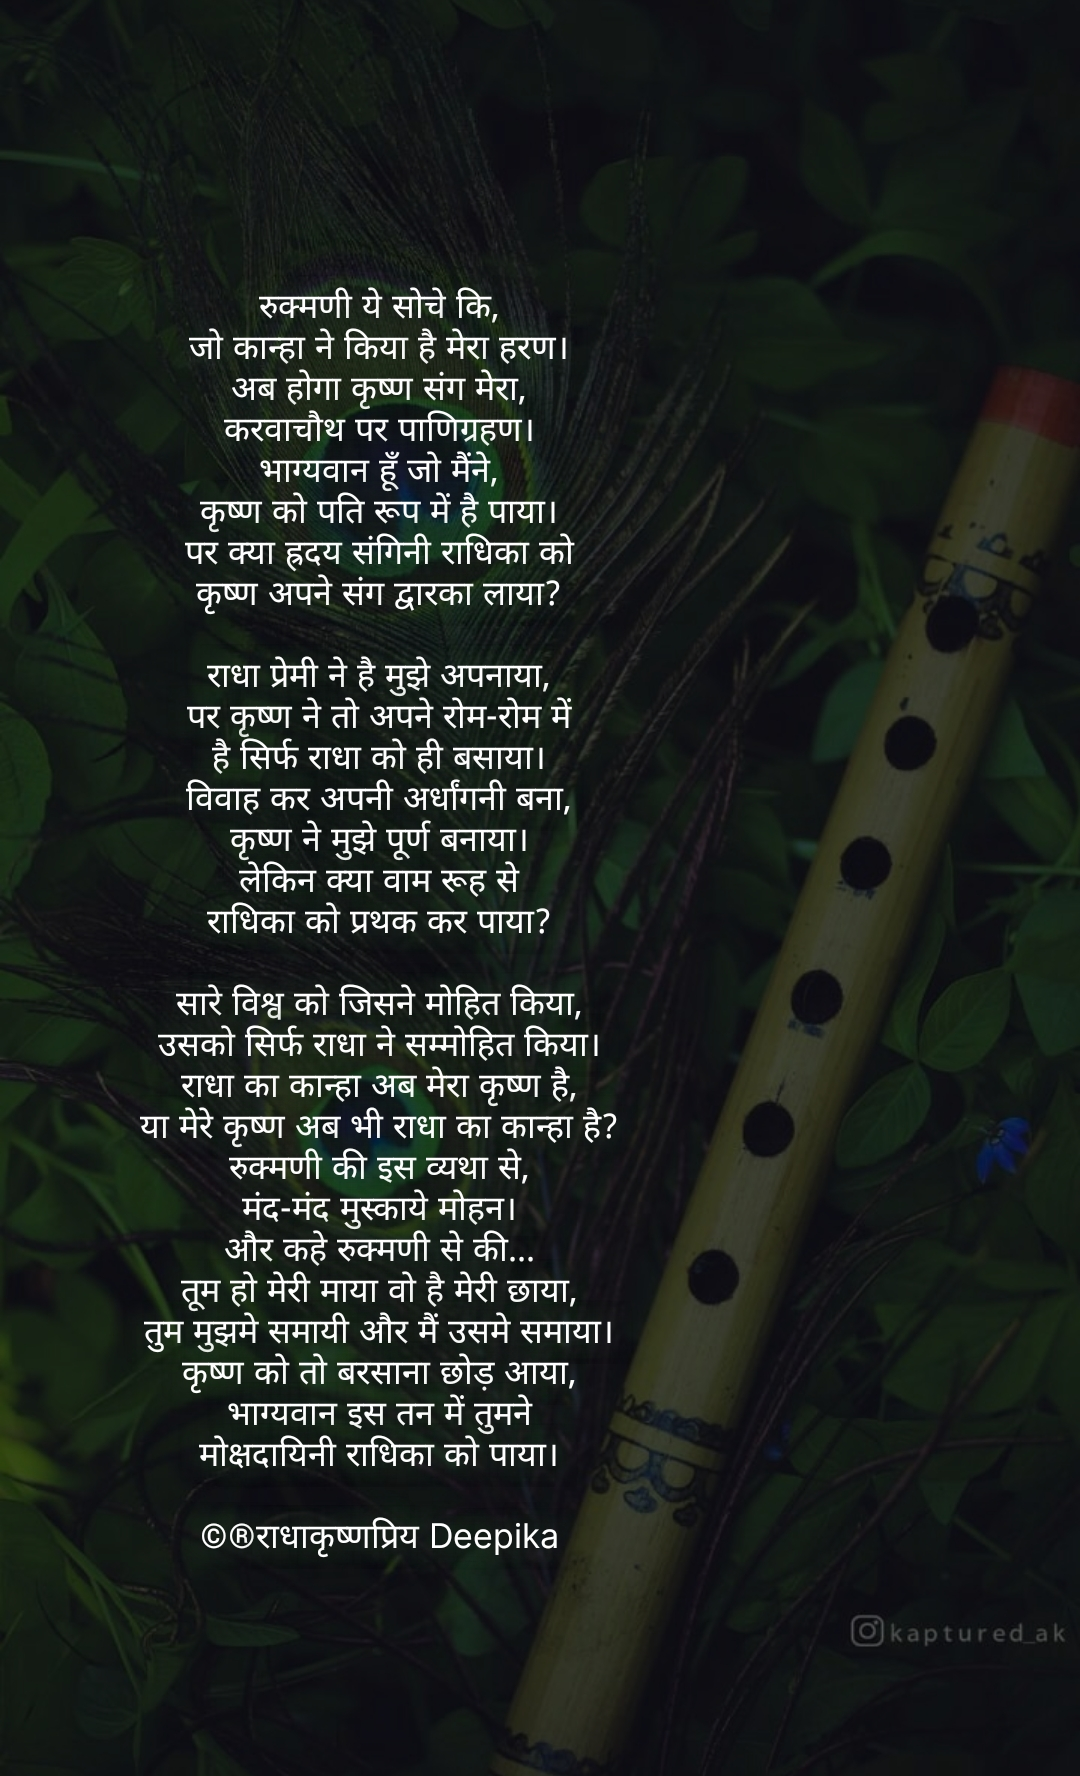 रुक्मणी ये सोचे कि, जो कान्हा ने किया है मेरा हरण। अब होगा कृष्ण संग मेरा, करवाचौथ पर पाणिग्रहण। भाग्यवान हूँ जो मैंने, कृष्ण को पति रूप में है पाया। पर क्या ह्रदय संगिनी राधिका को कृष्ण अपने संग द्वारका लाया?  राधा प्रेमी ने है मुझे अपनाया, पर कृष्ण ने तो अपने रोम-रोम में है सिर्फ राधा को ही बसाया। विवाह कर अपनी अर्धांगनी बना, कृष्ण ने मुझे पूर्ण बनाया। लेकिन क्या वाम रूह से राधिका को प्रथक कर पाया?  सारे विश्व को जिसने मोहित किया, उसको सिर्फ राधा ने सम्मोहित किया। राधा का कान्हा अब मेरा कृष्ण है, या मेरे कृष्ण अब भी राधा का कान्हा है? रुक्मणी की इस व्यथा से, मंद-मंद मुस्काये मोहन। और कहे रुक्मणी से की... तूम हो मेरी माया वो है मेरी छाया, तुम मुझमे समायी और मैं उसमे समाया। कृष्ण को तो बरसाना छोड़ आया, भाग्यवान इस तन में तुमने मोक्षदायिनी राधिका को पाया।  ©®राधाकृष्णप्रिय Deepika